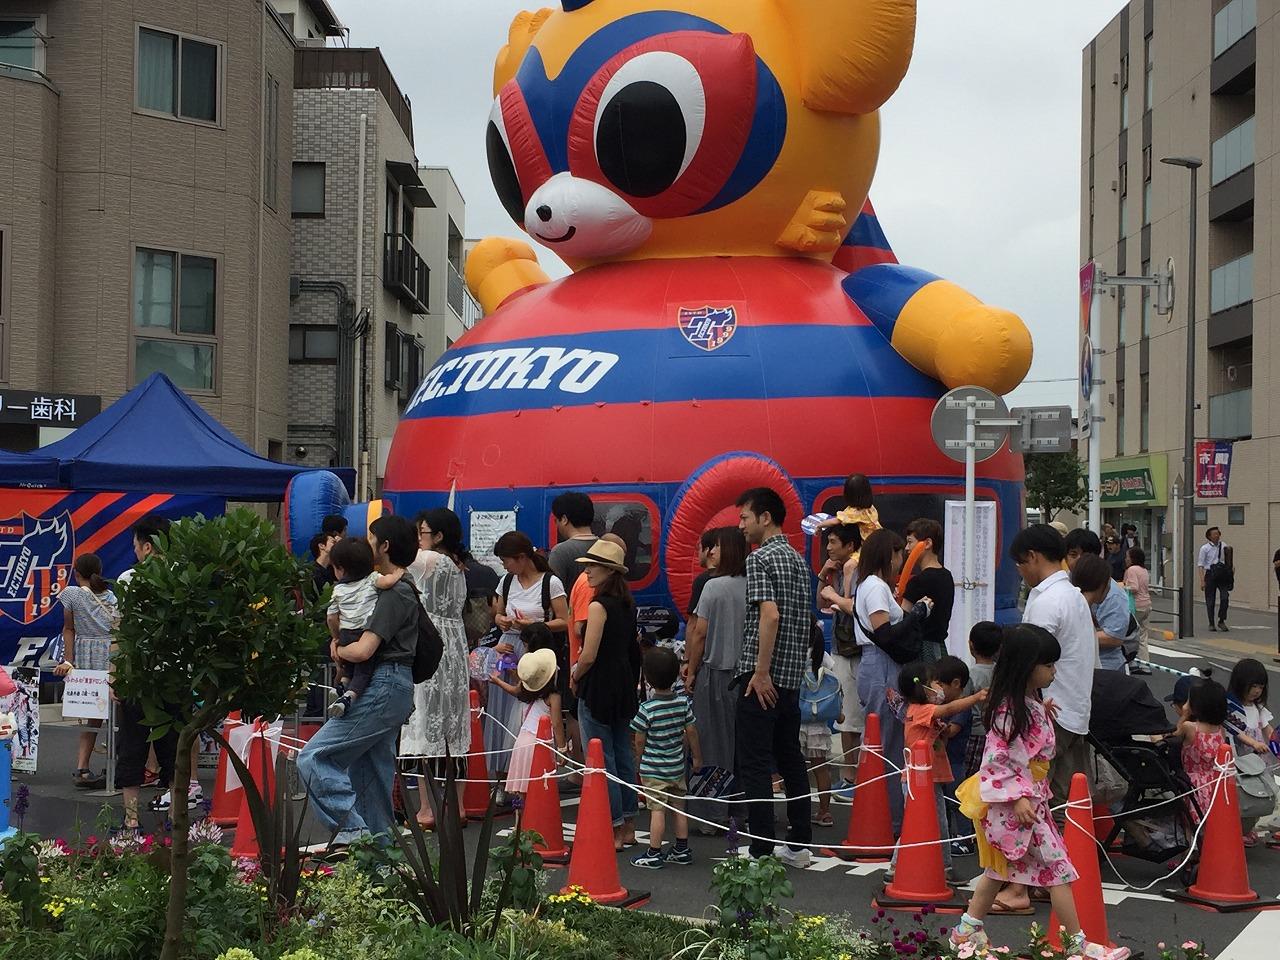 東京ドロンパ ふわふわ 大人気長い列ができました。